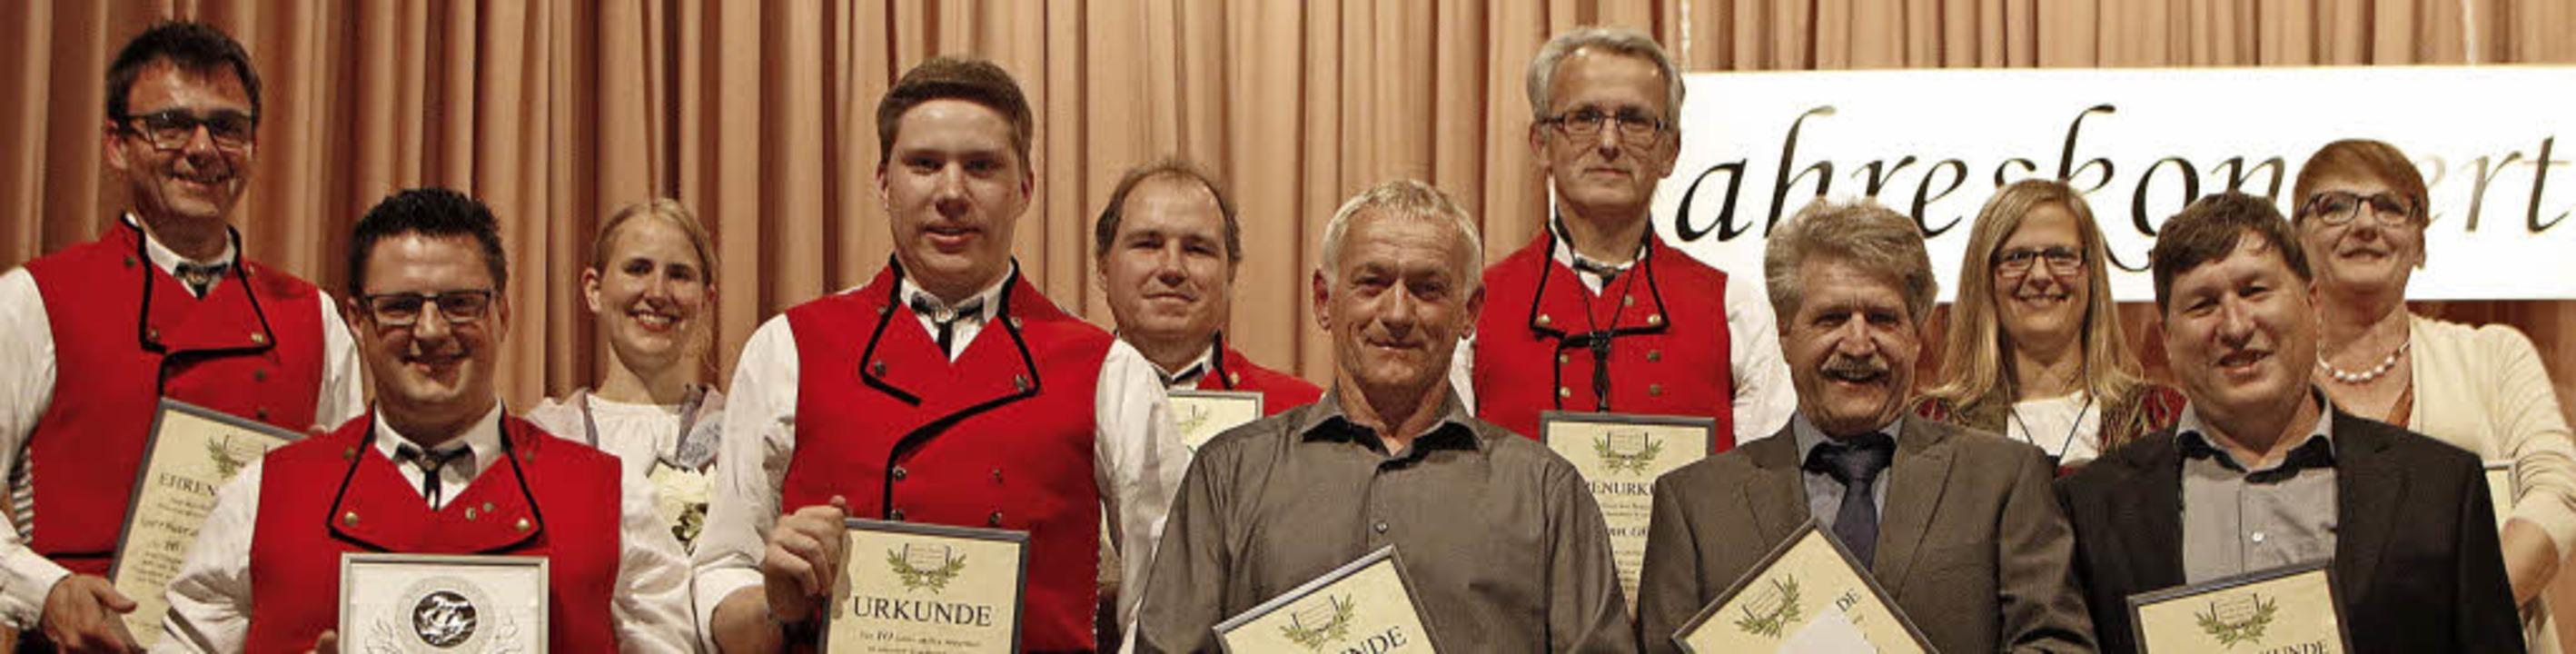 Verdiente Mitglieder der Trachtenkapel... des Konzerts ebenfalls ausgezeichnet.  | Foto: Heidi Foessel